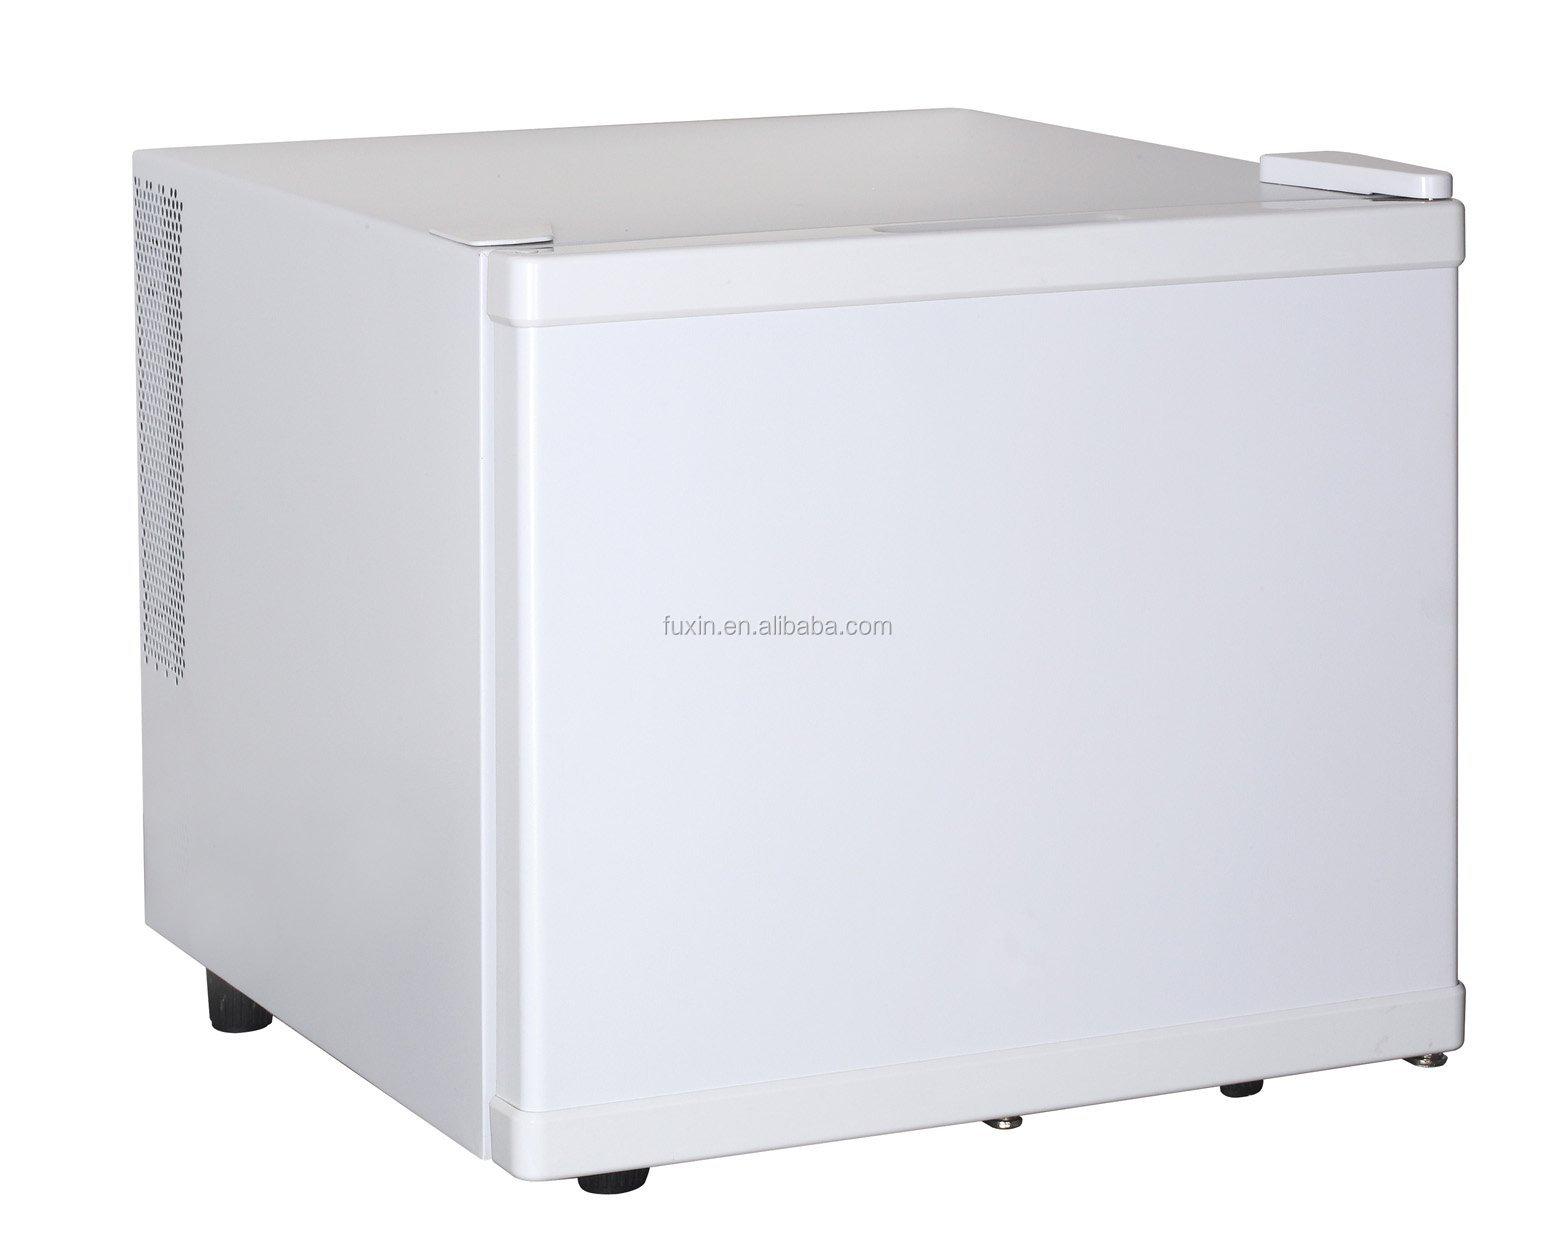 Minibar Kühlschrank Retro : Finden sie die besten retro kühlschrank a hersteller und retro